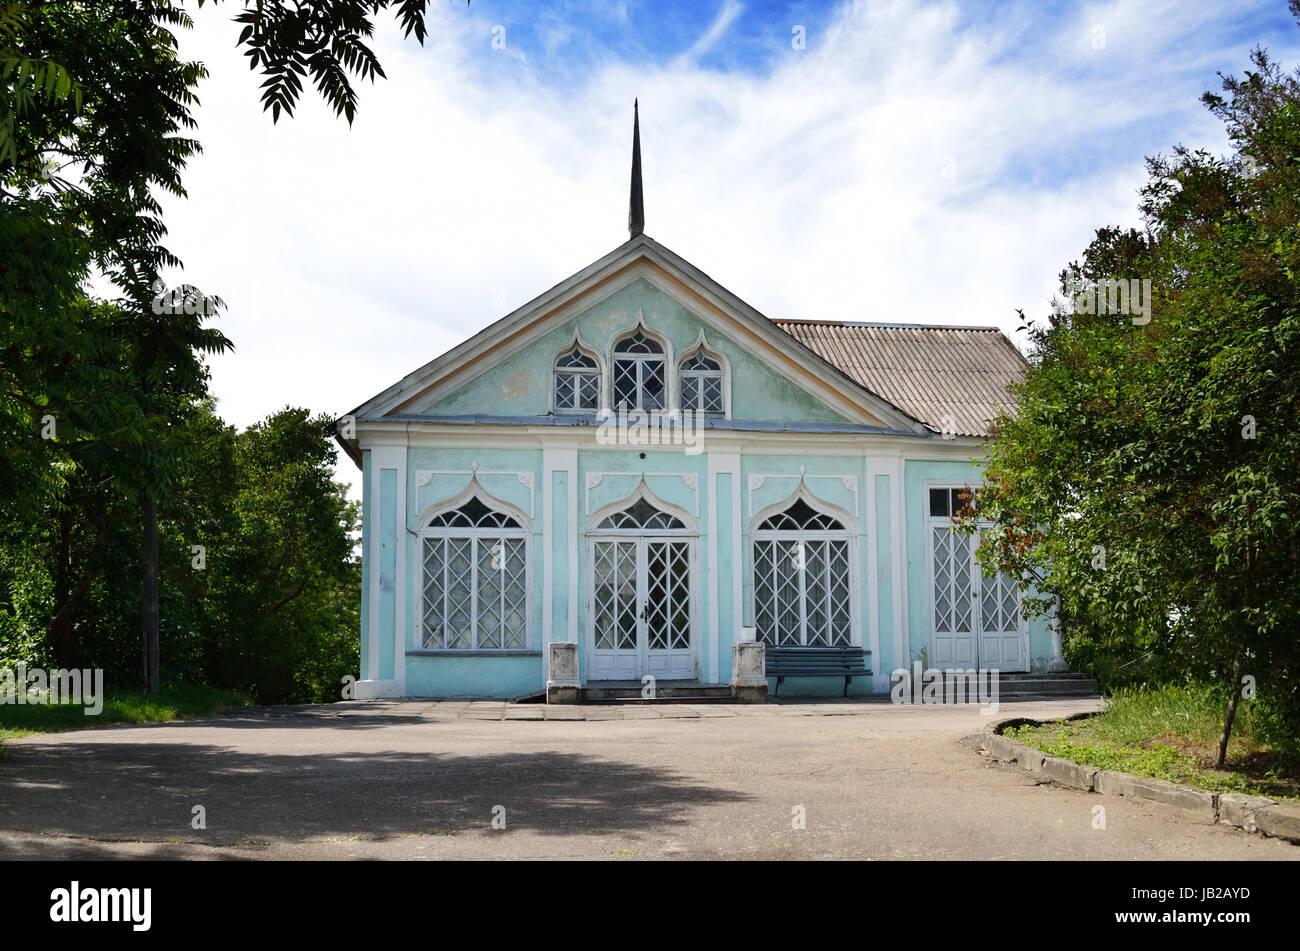 Alten Palastgebäude Lopuchin-Demidov, Prinz des russischen Reiches in Korsun im Besitz. Stockbild